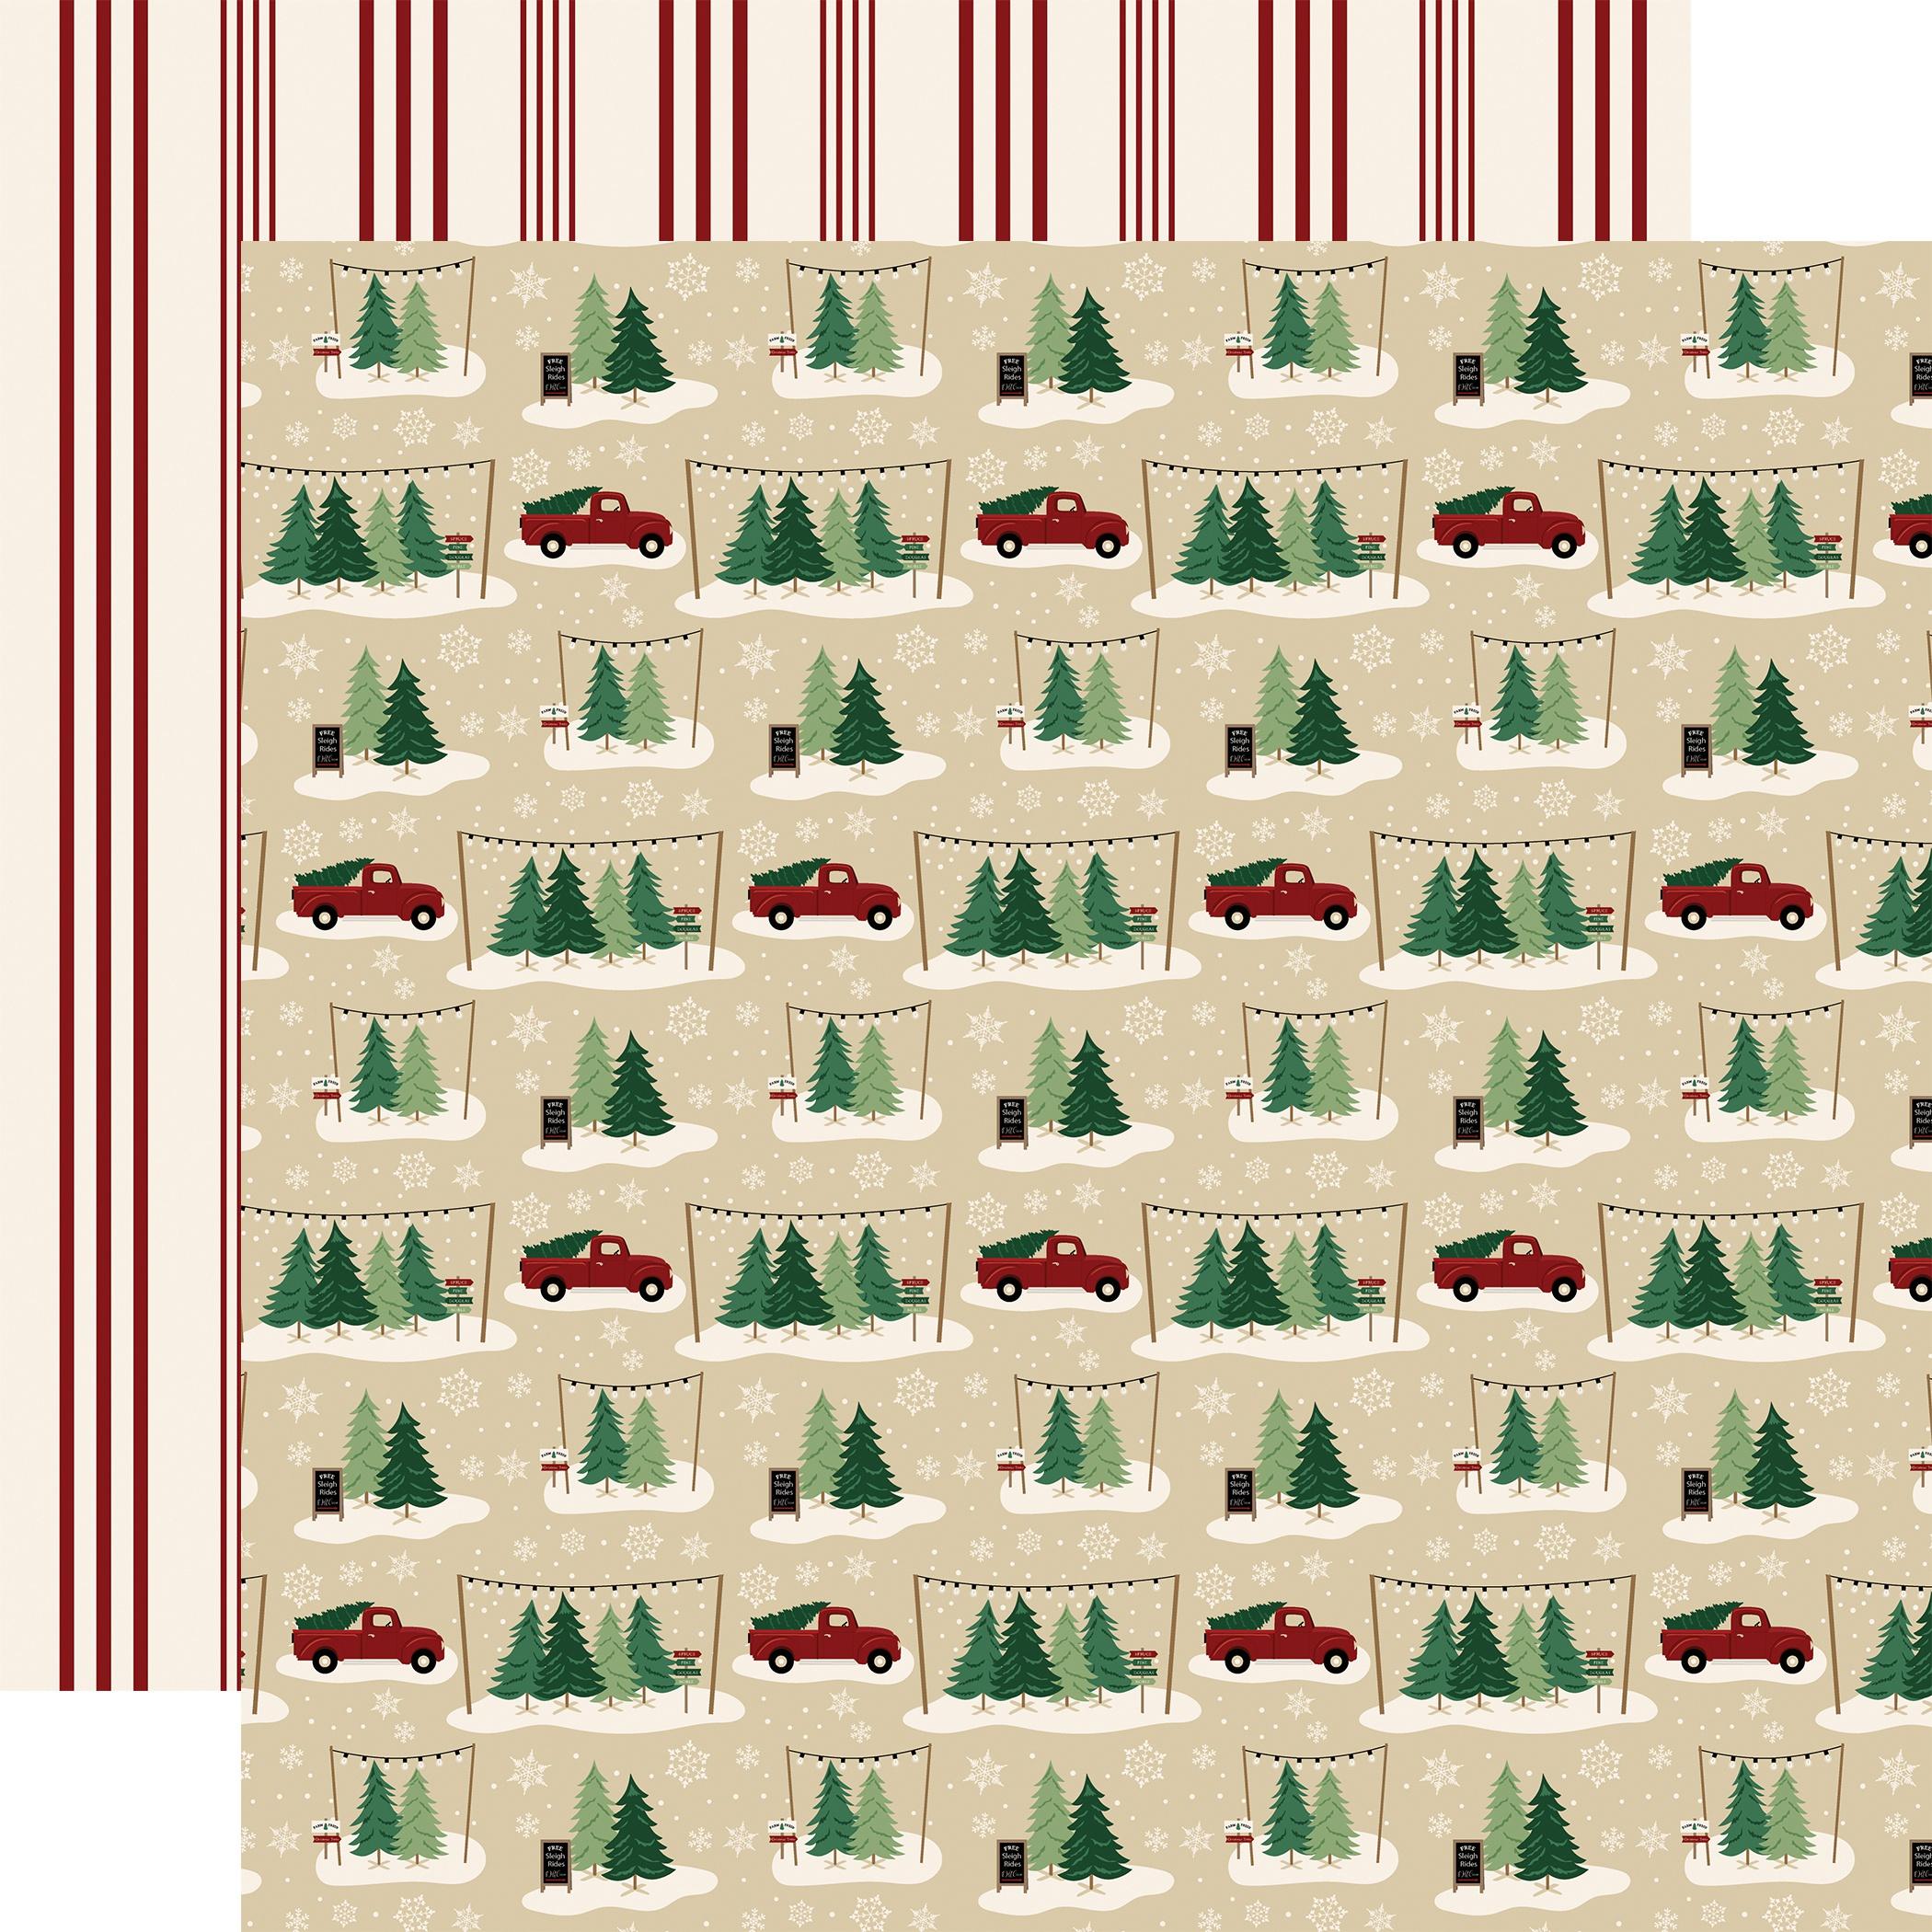 A Cozy Christmas Tree Farm Paper